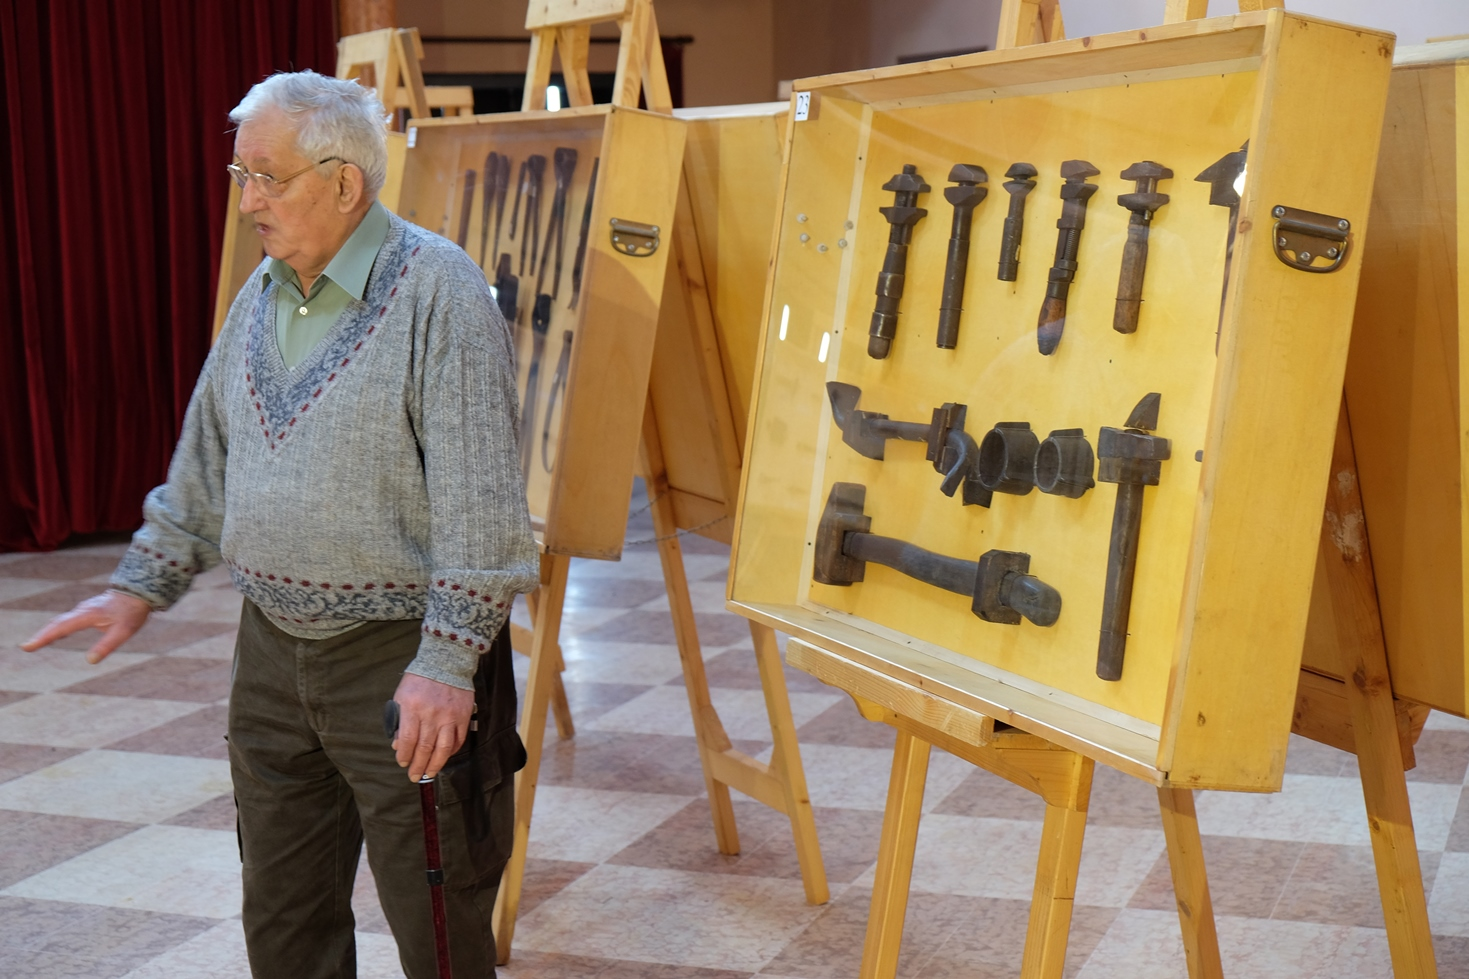 Ernesto Stanzani (Comitato arte contadina di Castelvetro) durante l'intervista sulla collezione degli strumenti per la lavorazione del legno. Foto di Fausto Corsini. Rosso Graspa. Museo del vino e della società rurale di Castelvetro